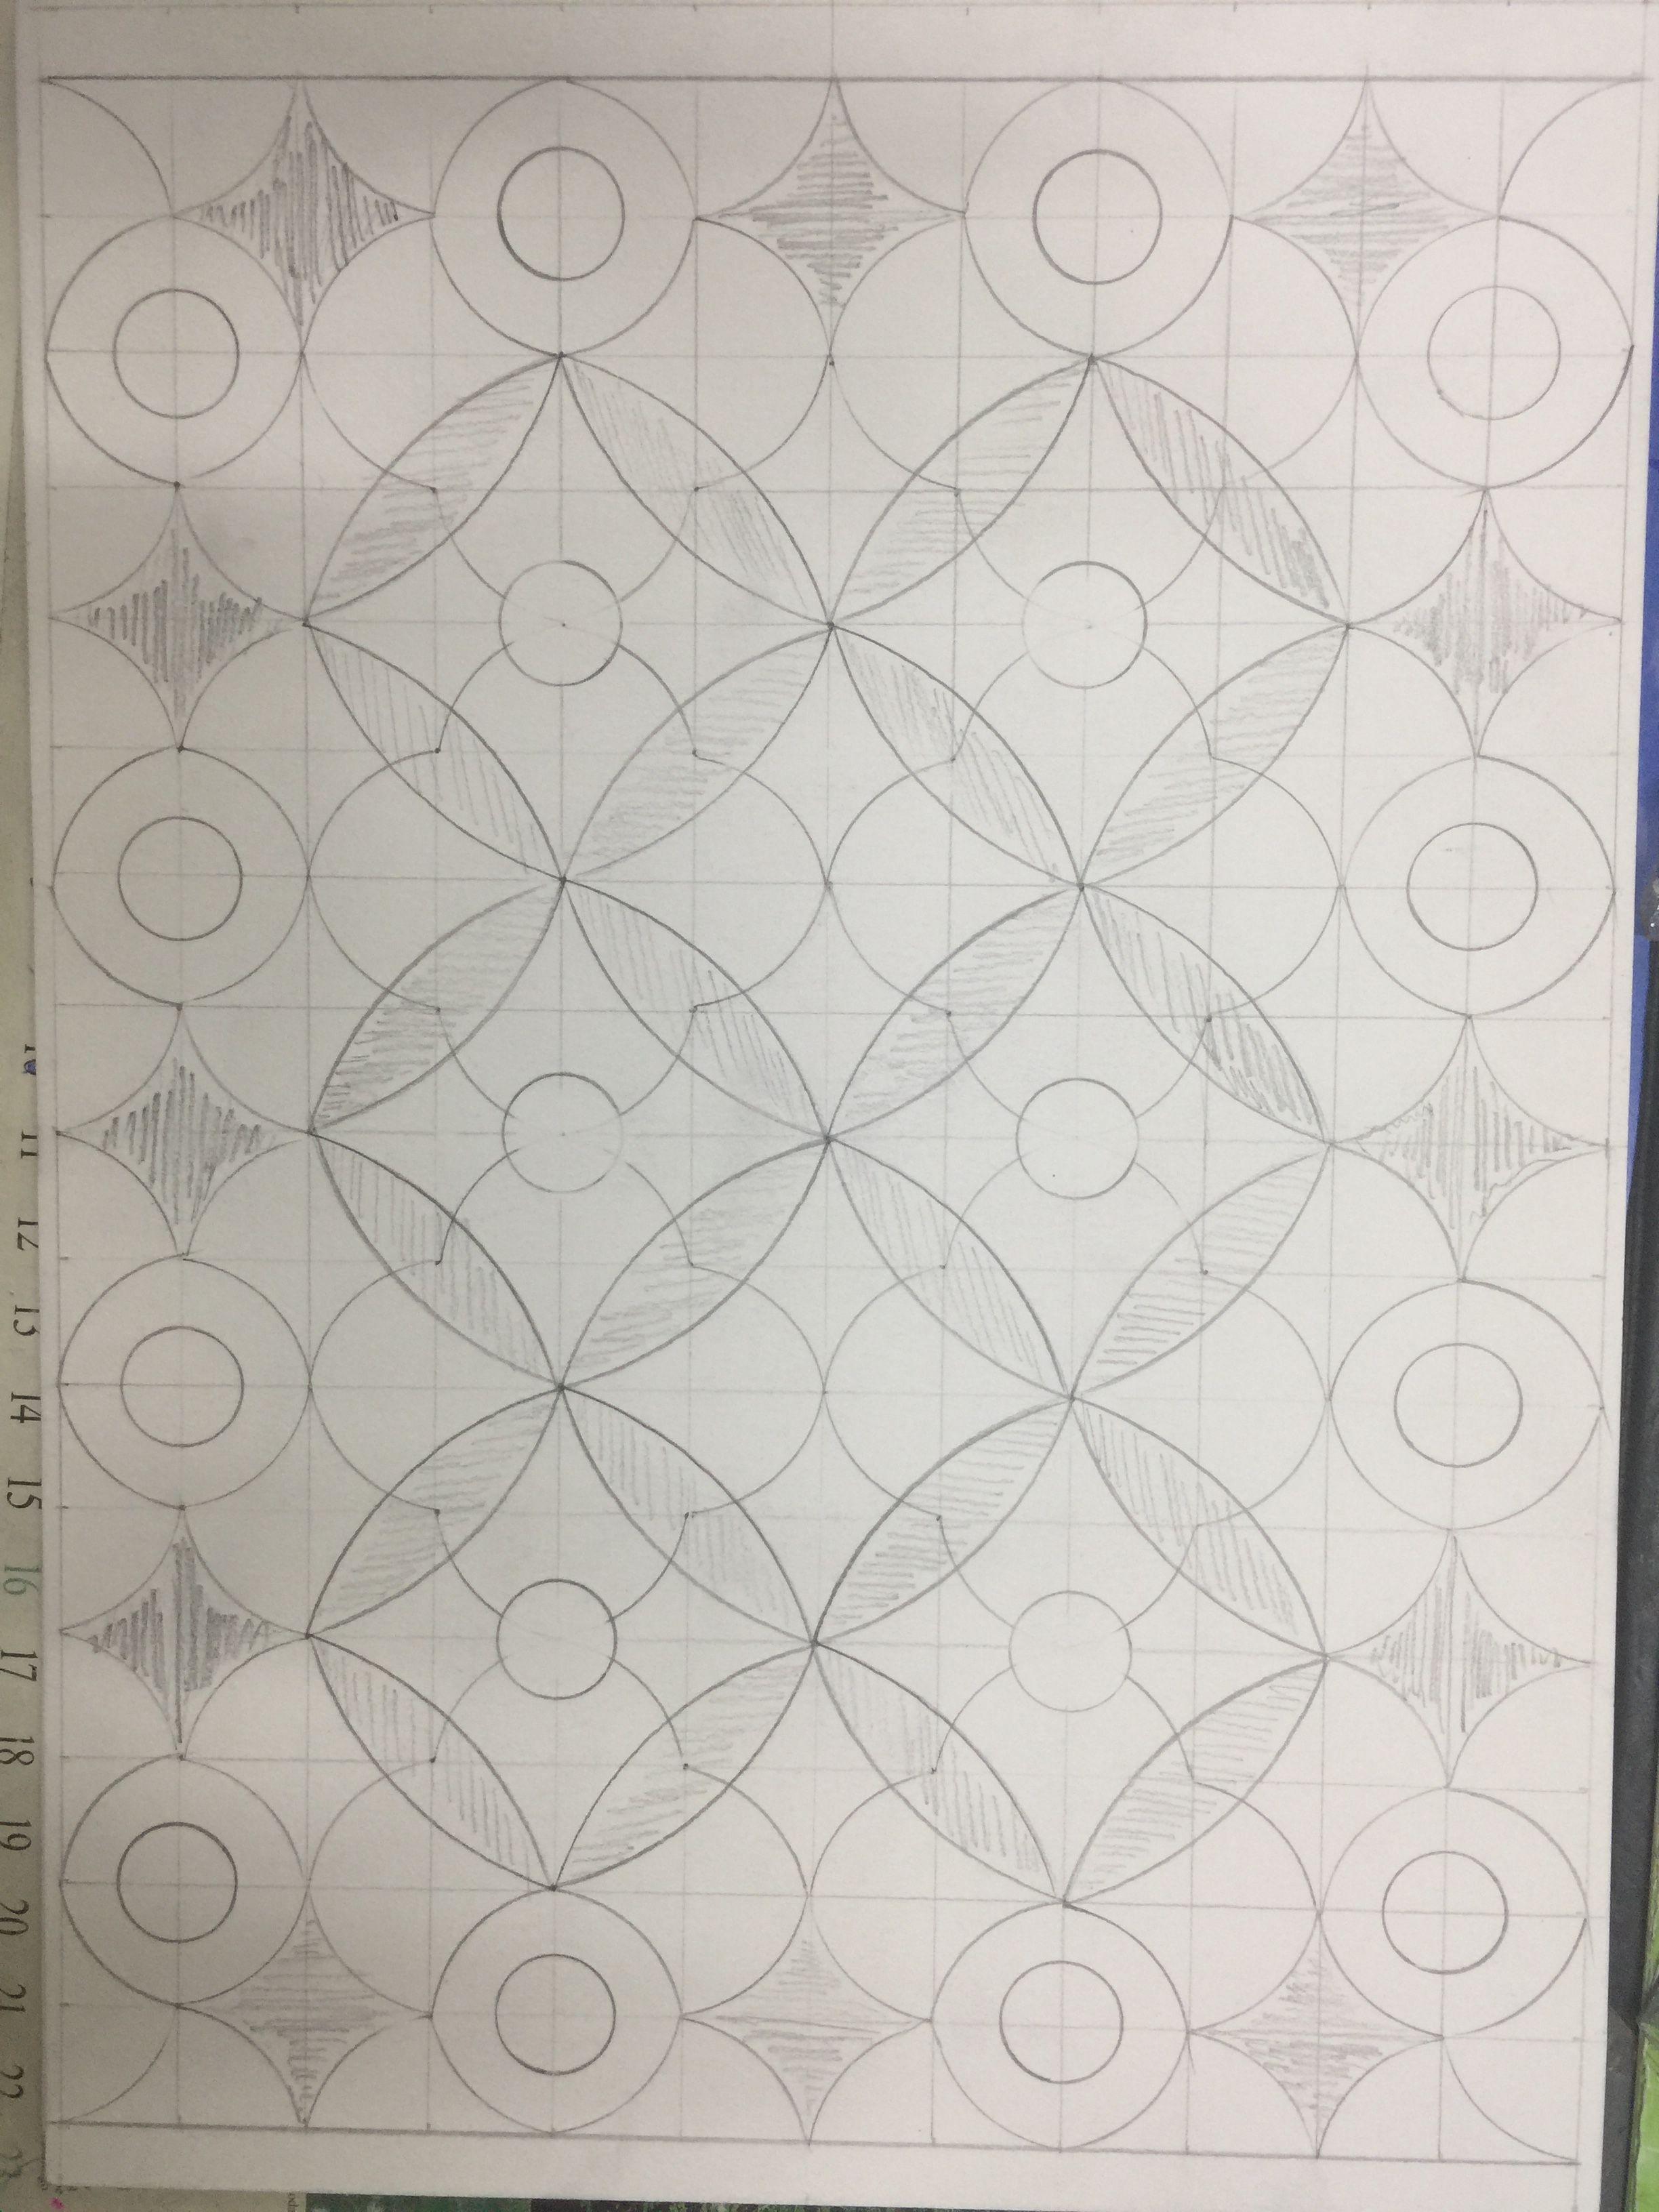 زخارف اشكال هندسية